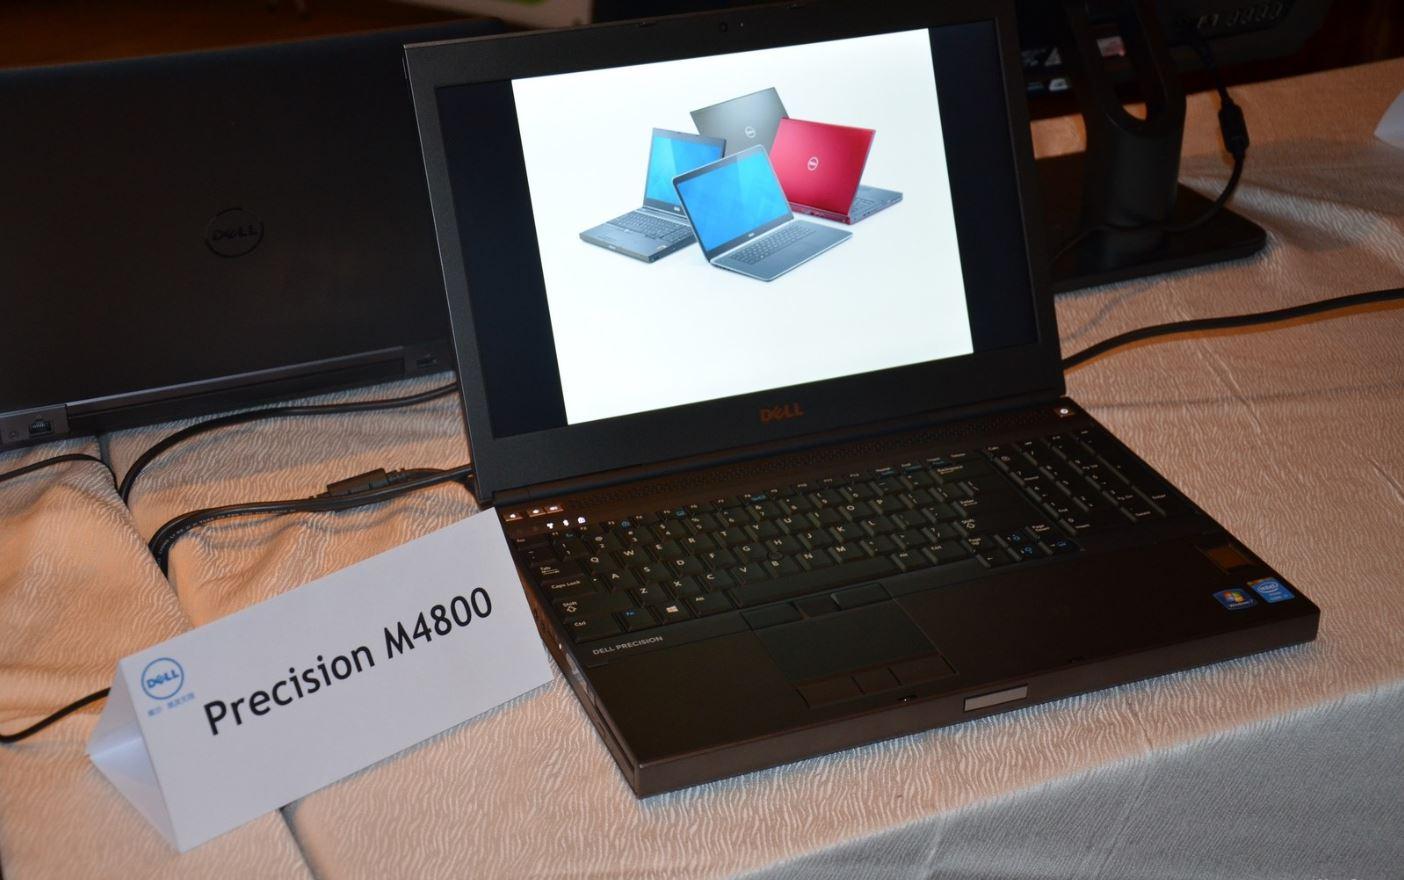 ноутбук Dell  M4800 M4800 PRECISION M6800